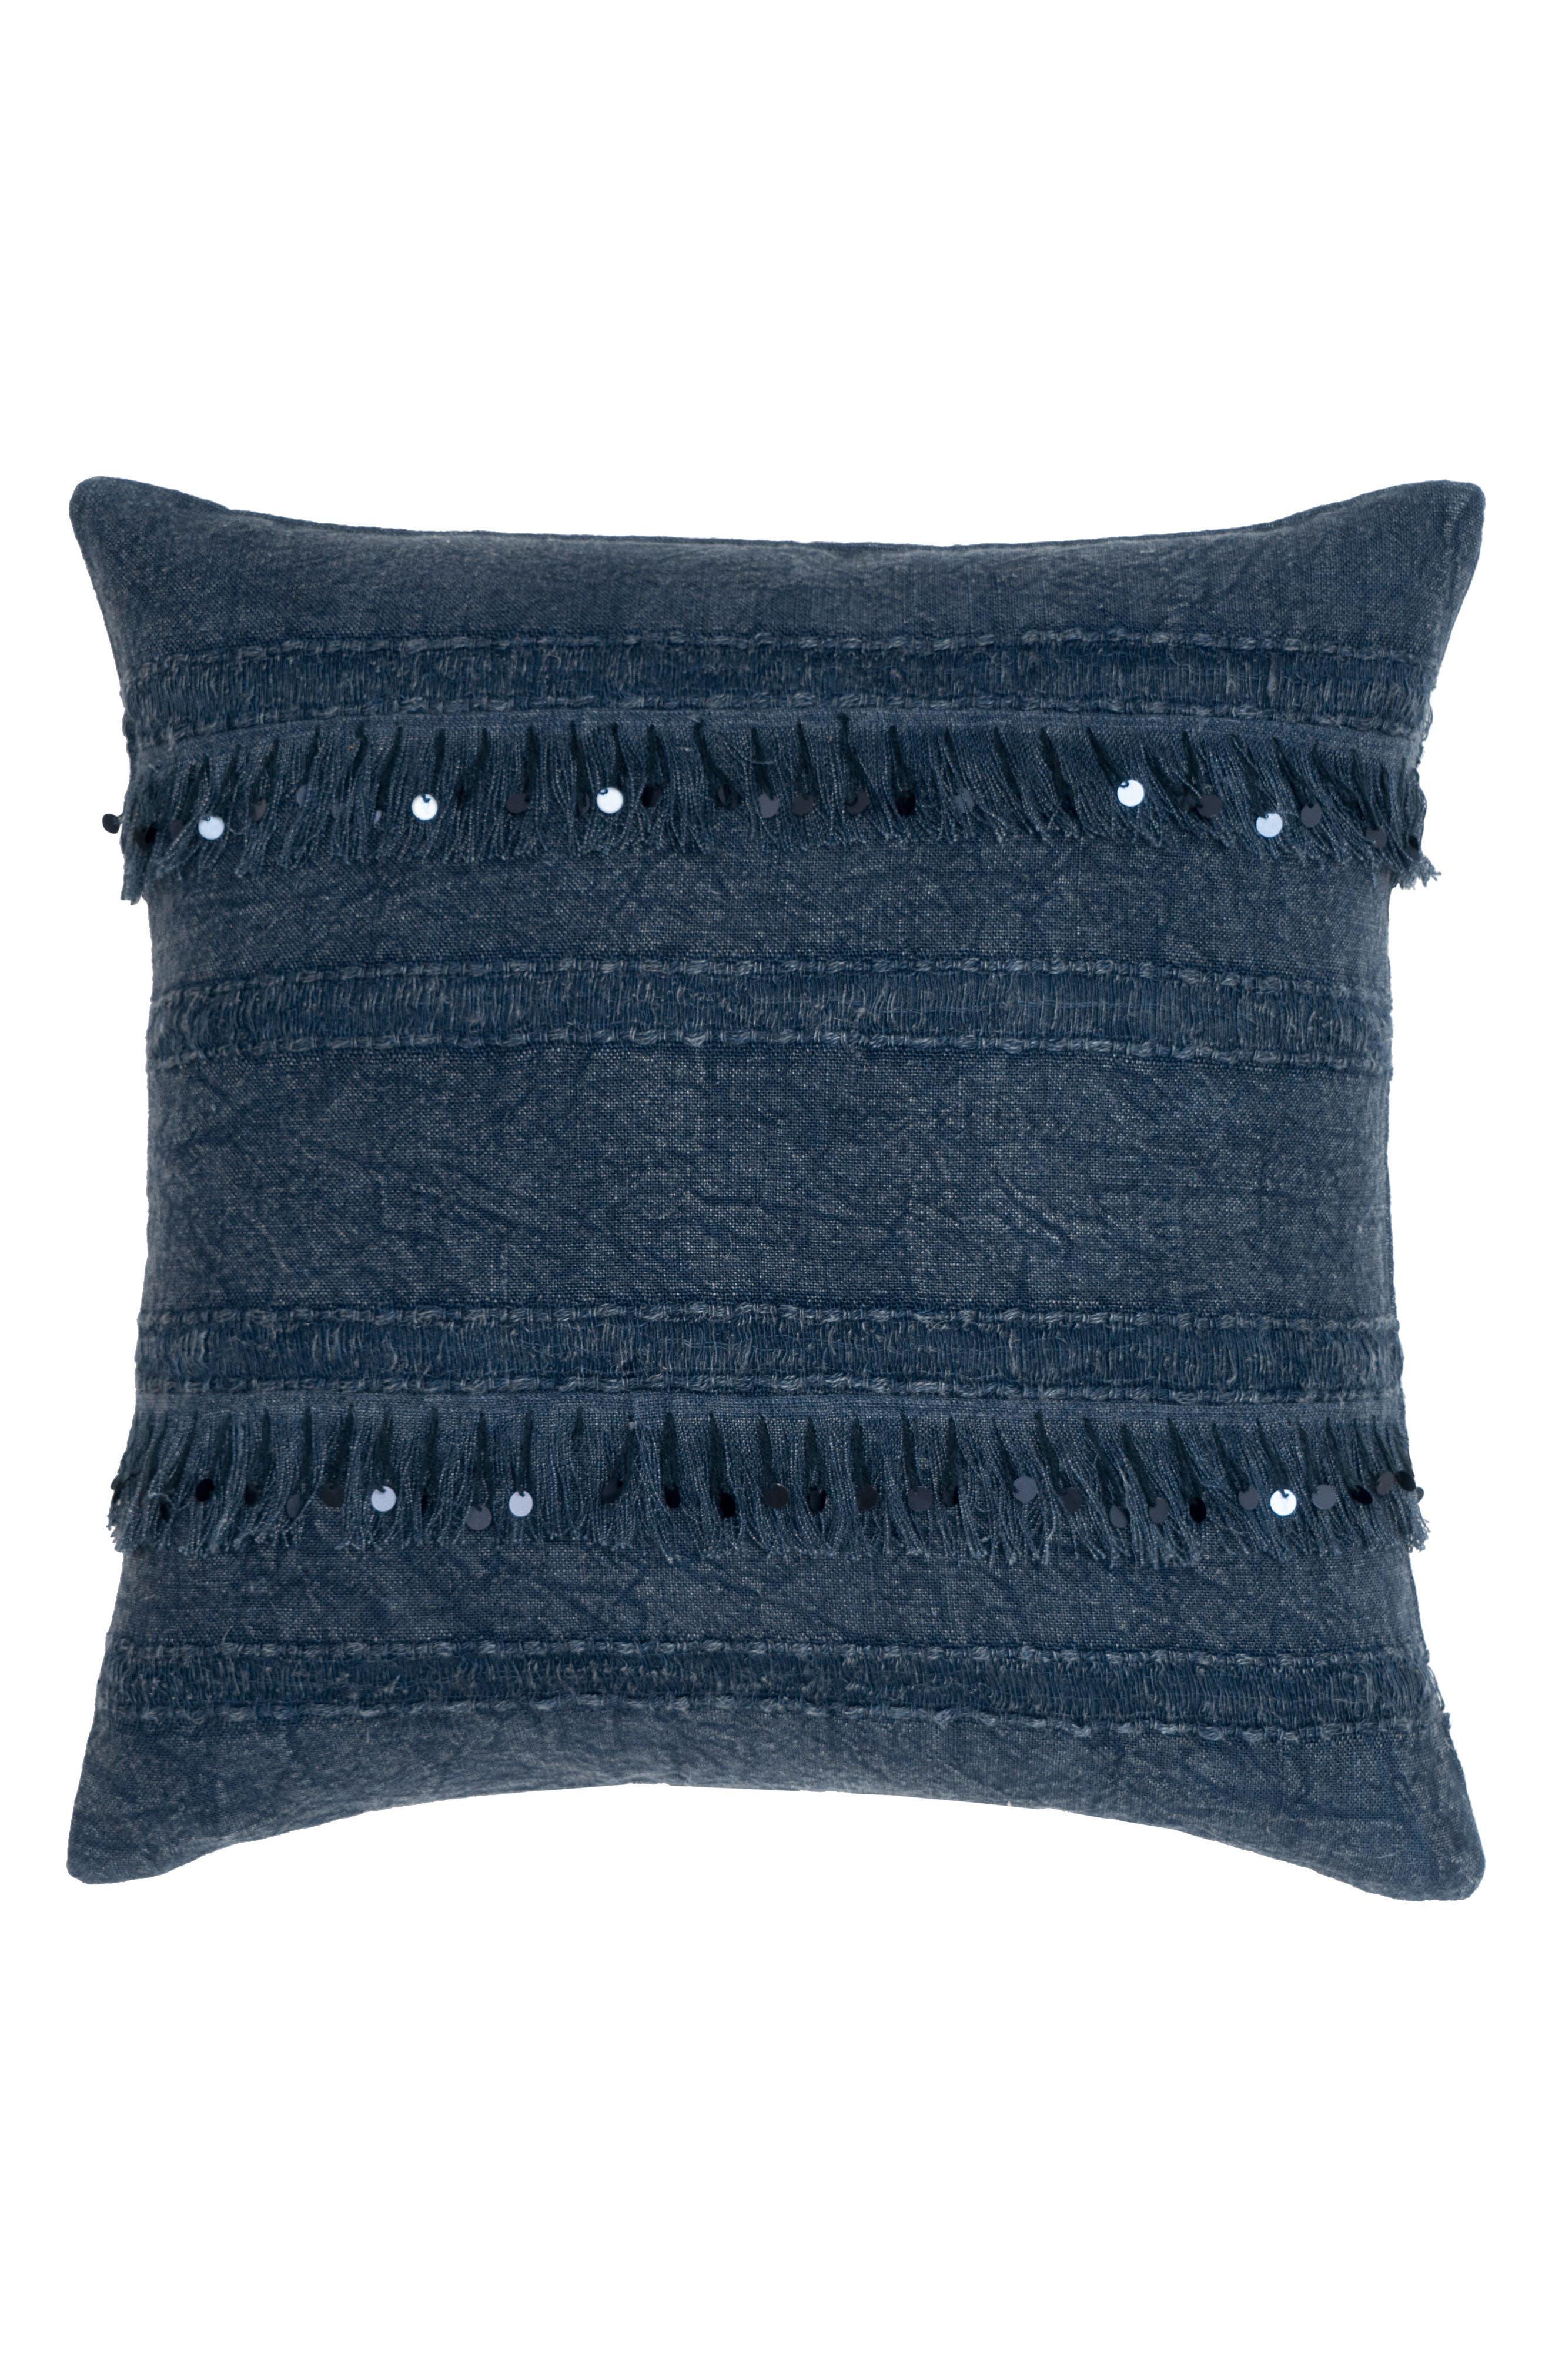 Dirade Accent Pillow,                         Main,                         color, INDIGO